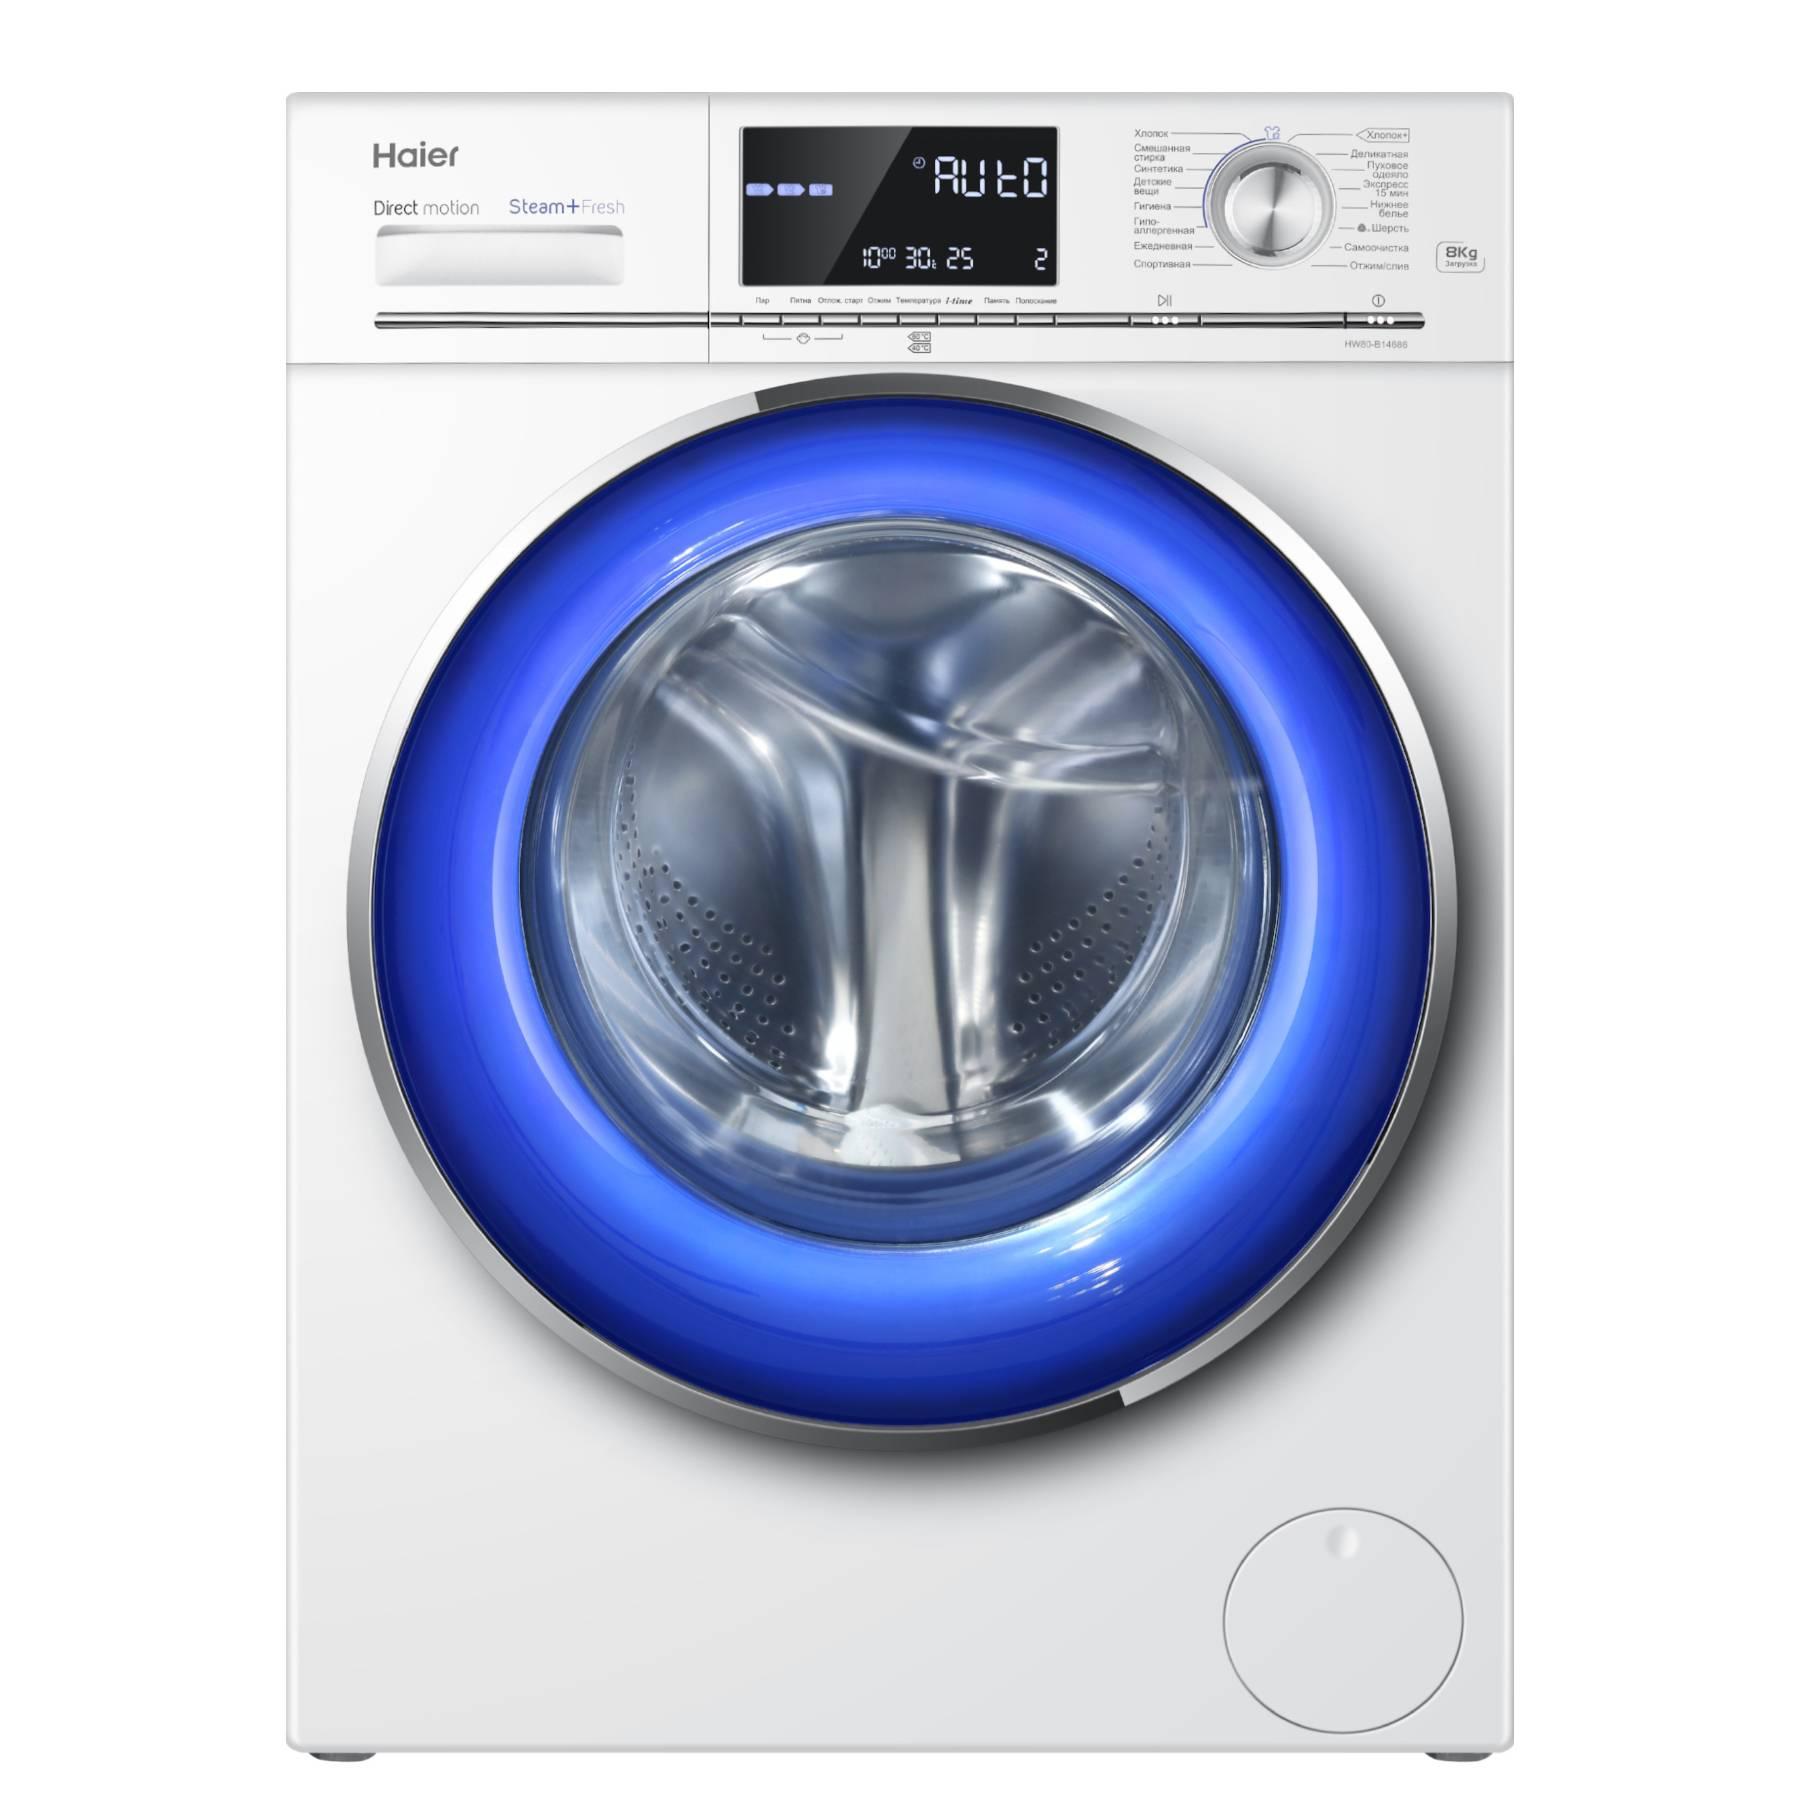 Как разобрать стиральную машину самостоятельно: пошаговая инструкция